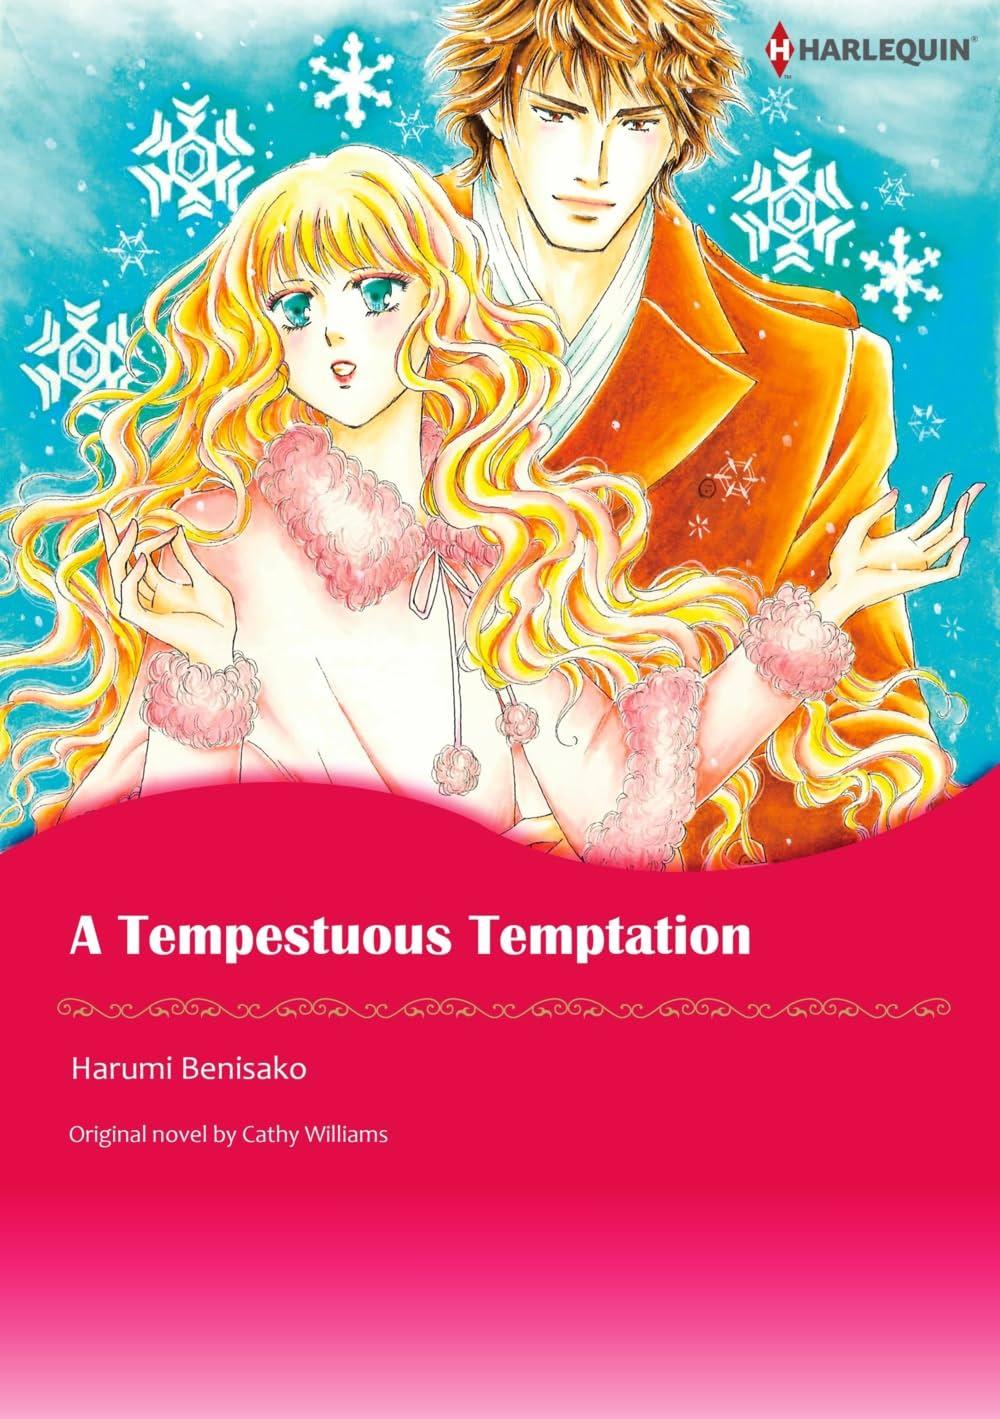 A Tempestuous Temptation